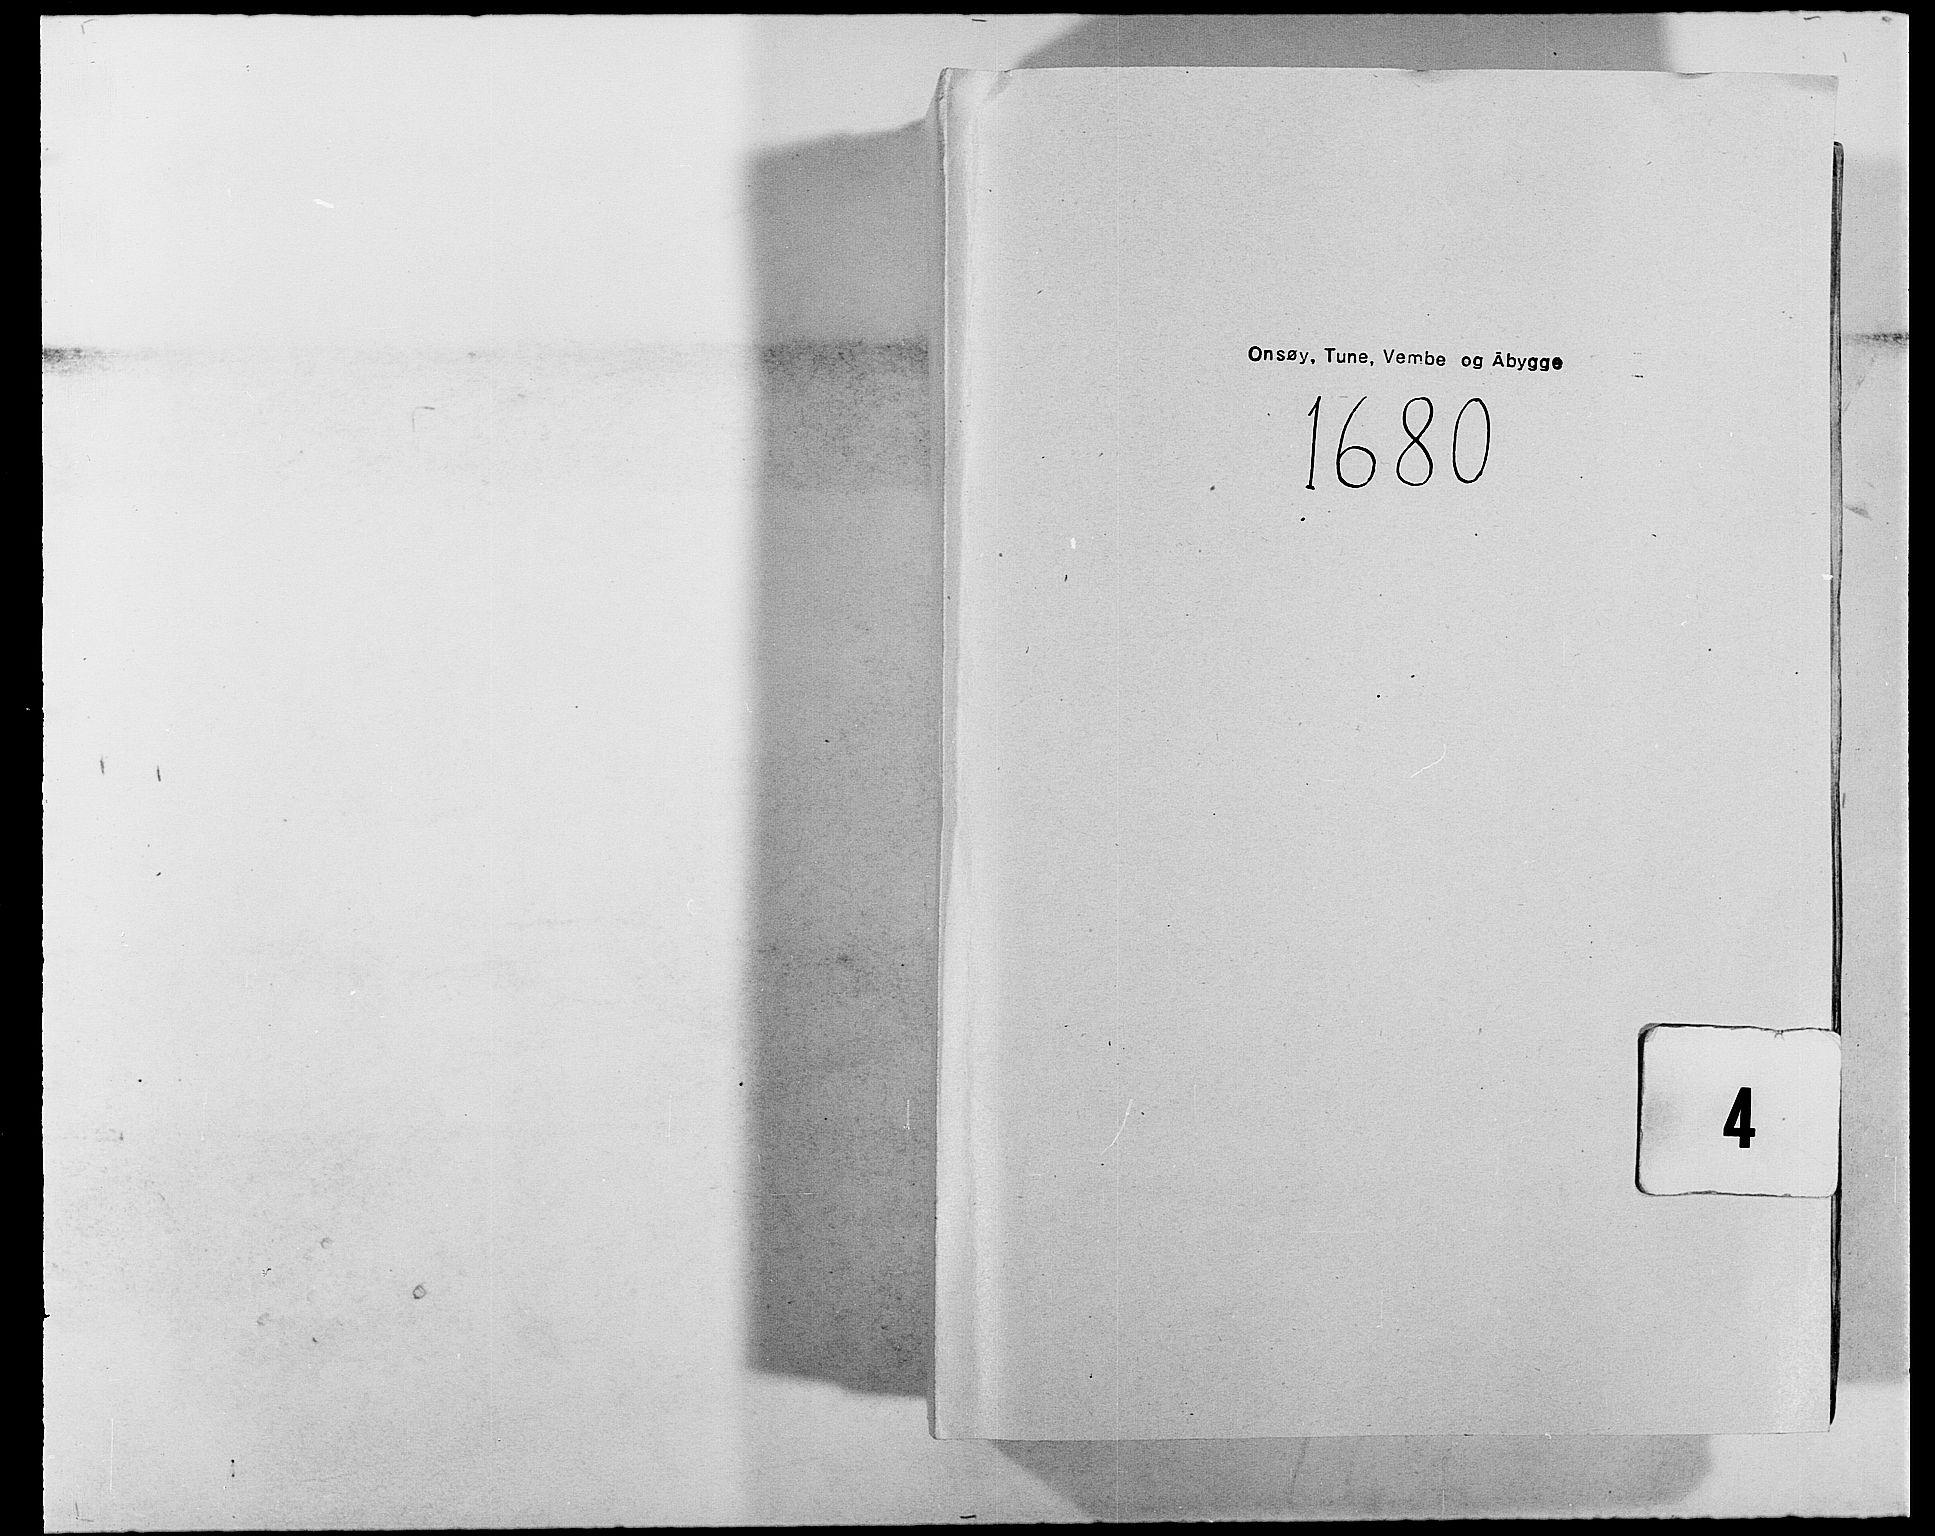 RA, Rentekammeret inntil 1814, Reviderte regnskaper, Fogderegnskap, R03/L0111: Fogderegnskap Onsøy, Tune, Veme og Åbygge fogderi, 1680, p. 1